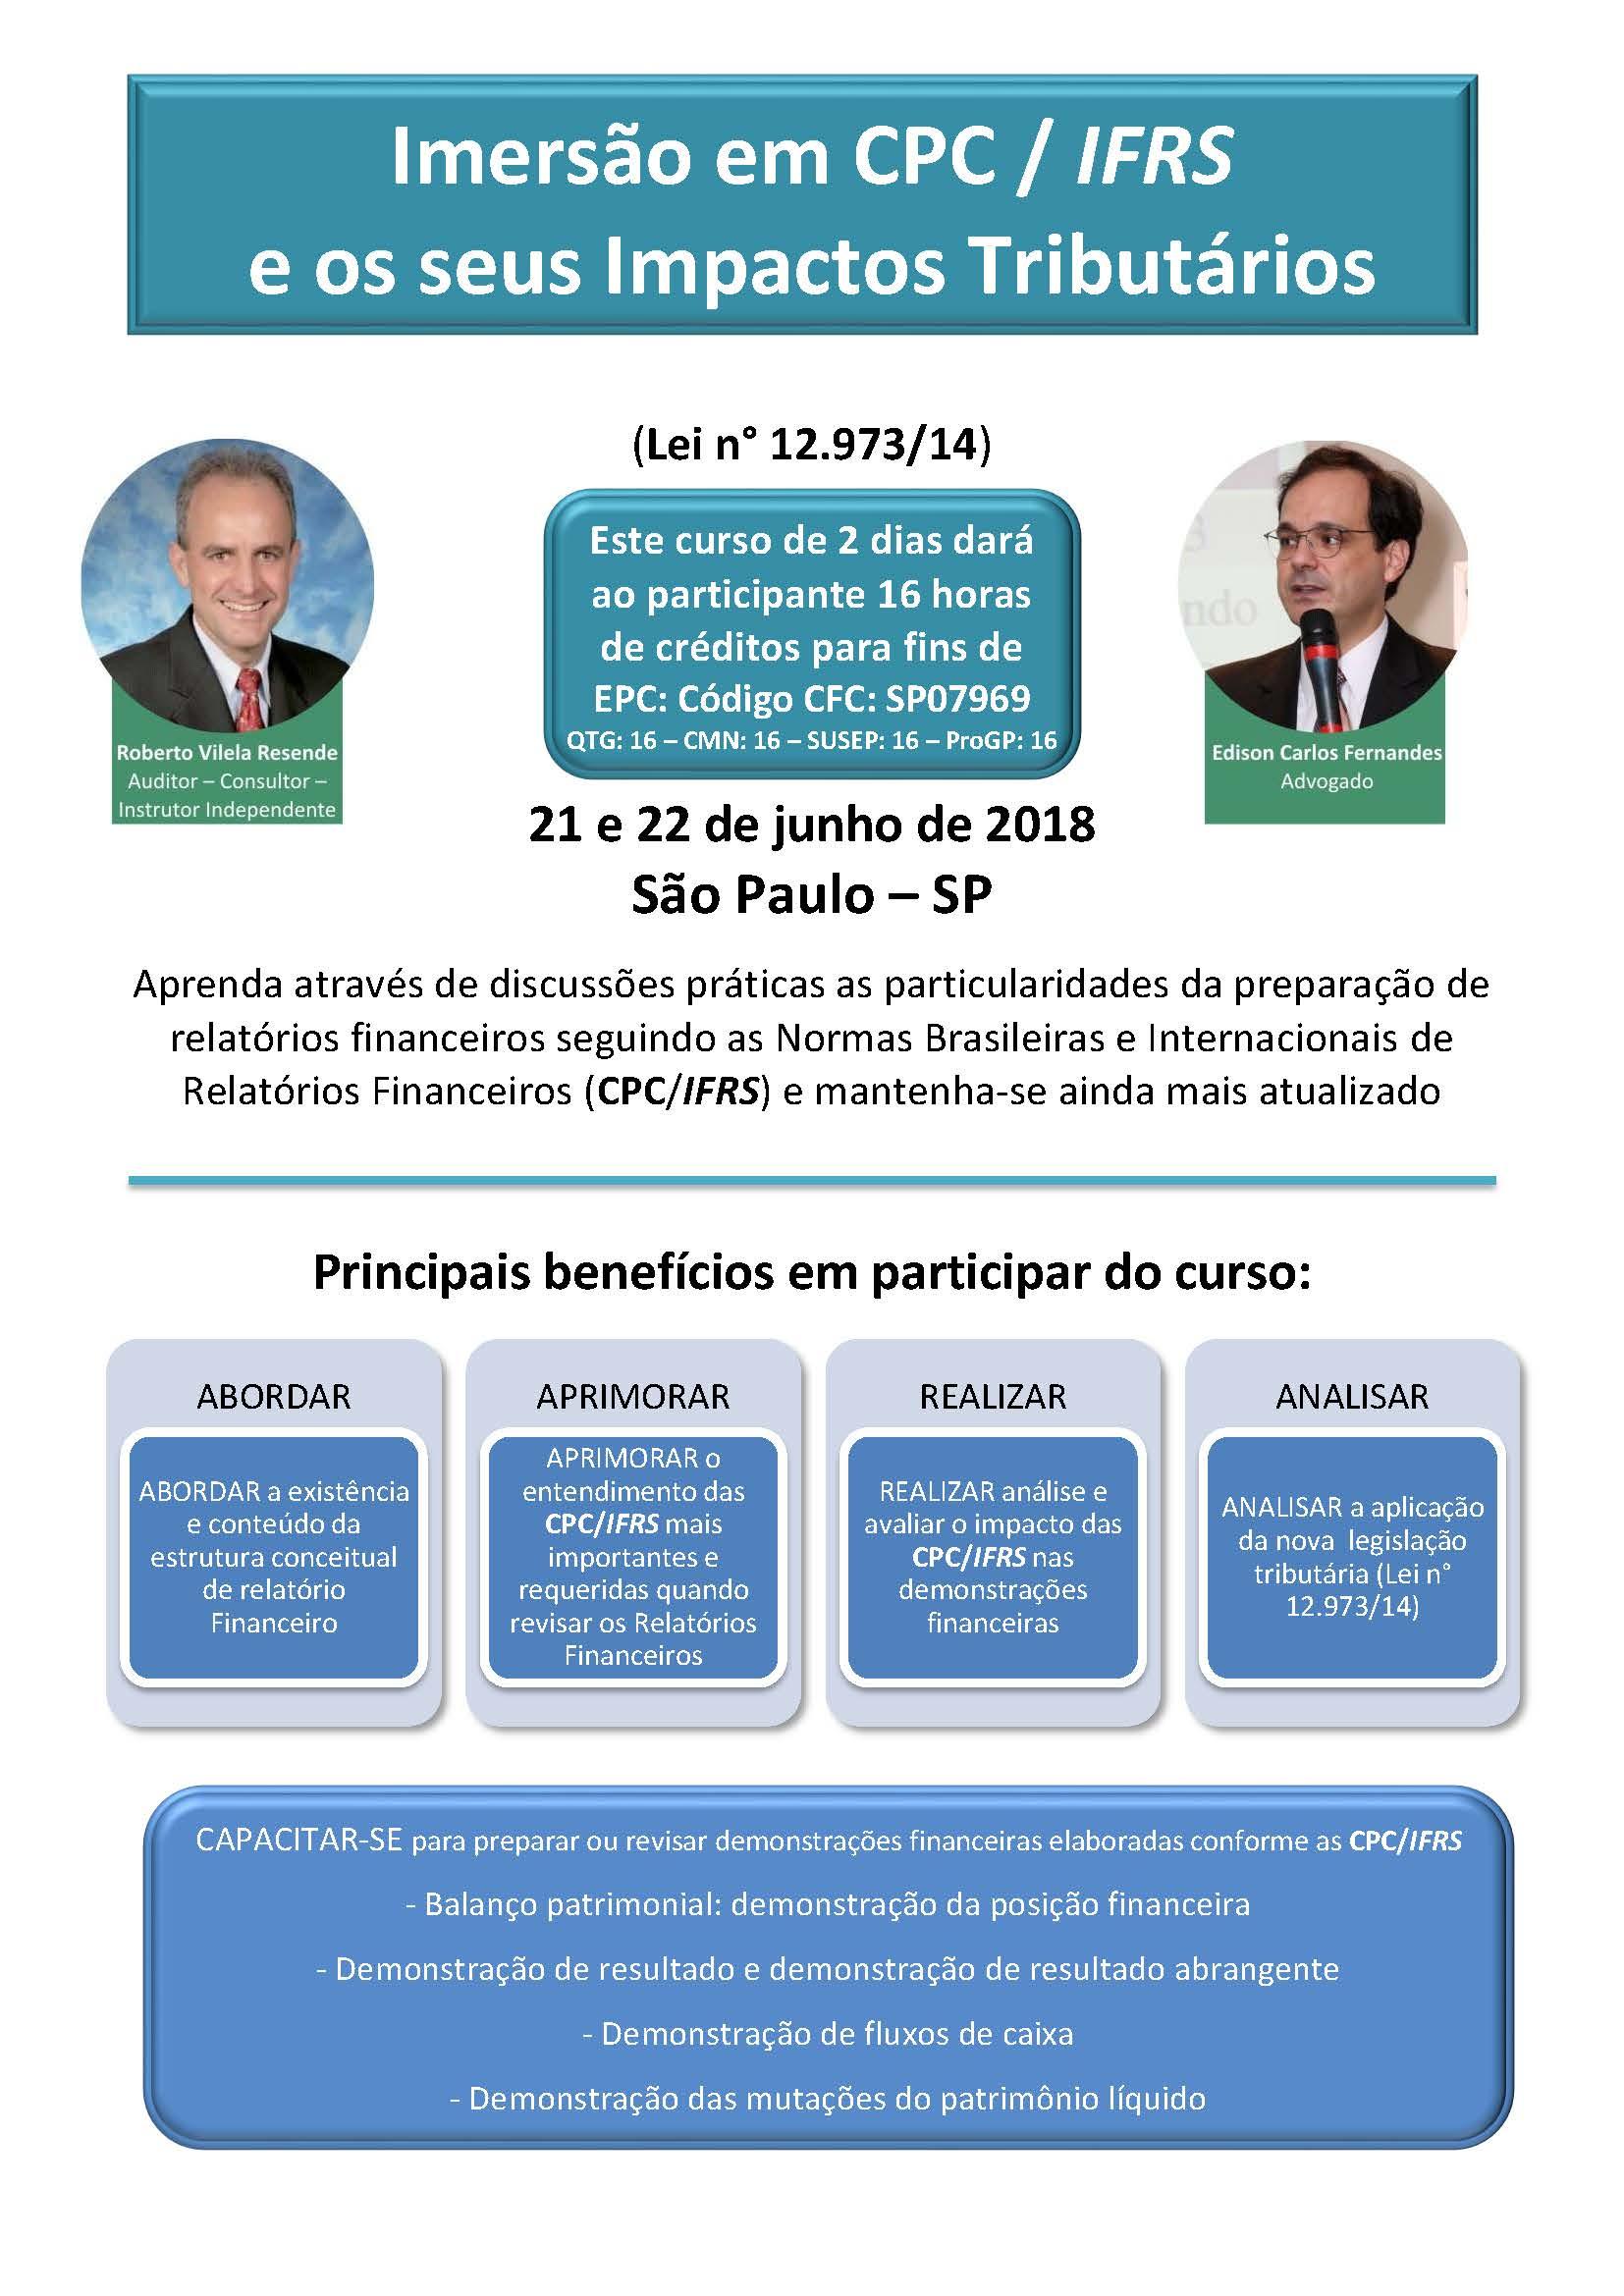 Imersão em CPC - IFRS e os seus Impactos Tributários (Lei 12 973-14) - 21 e 22.6.18_Page_1